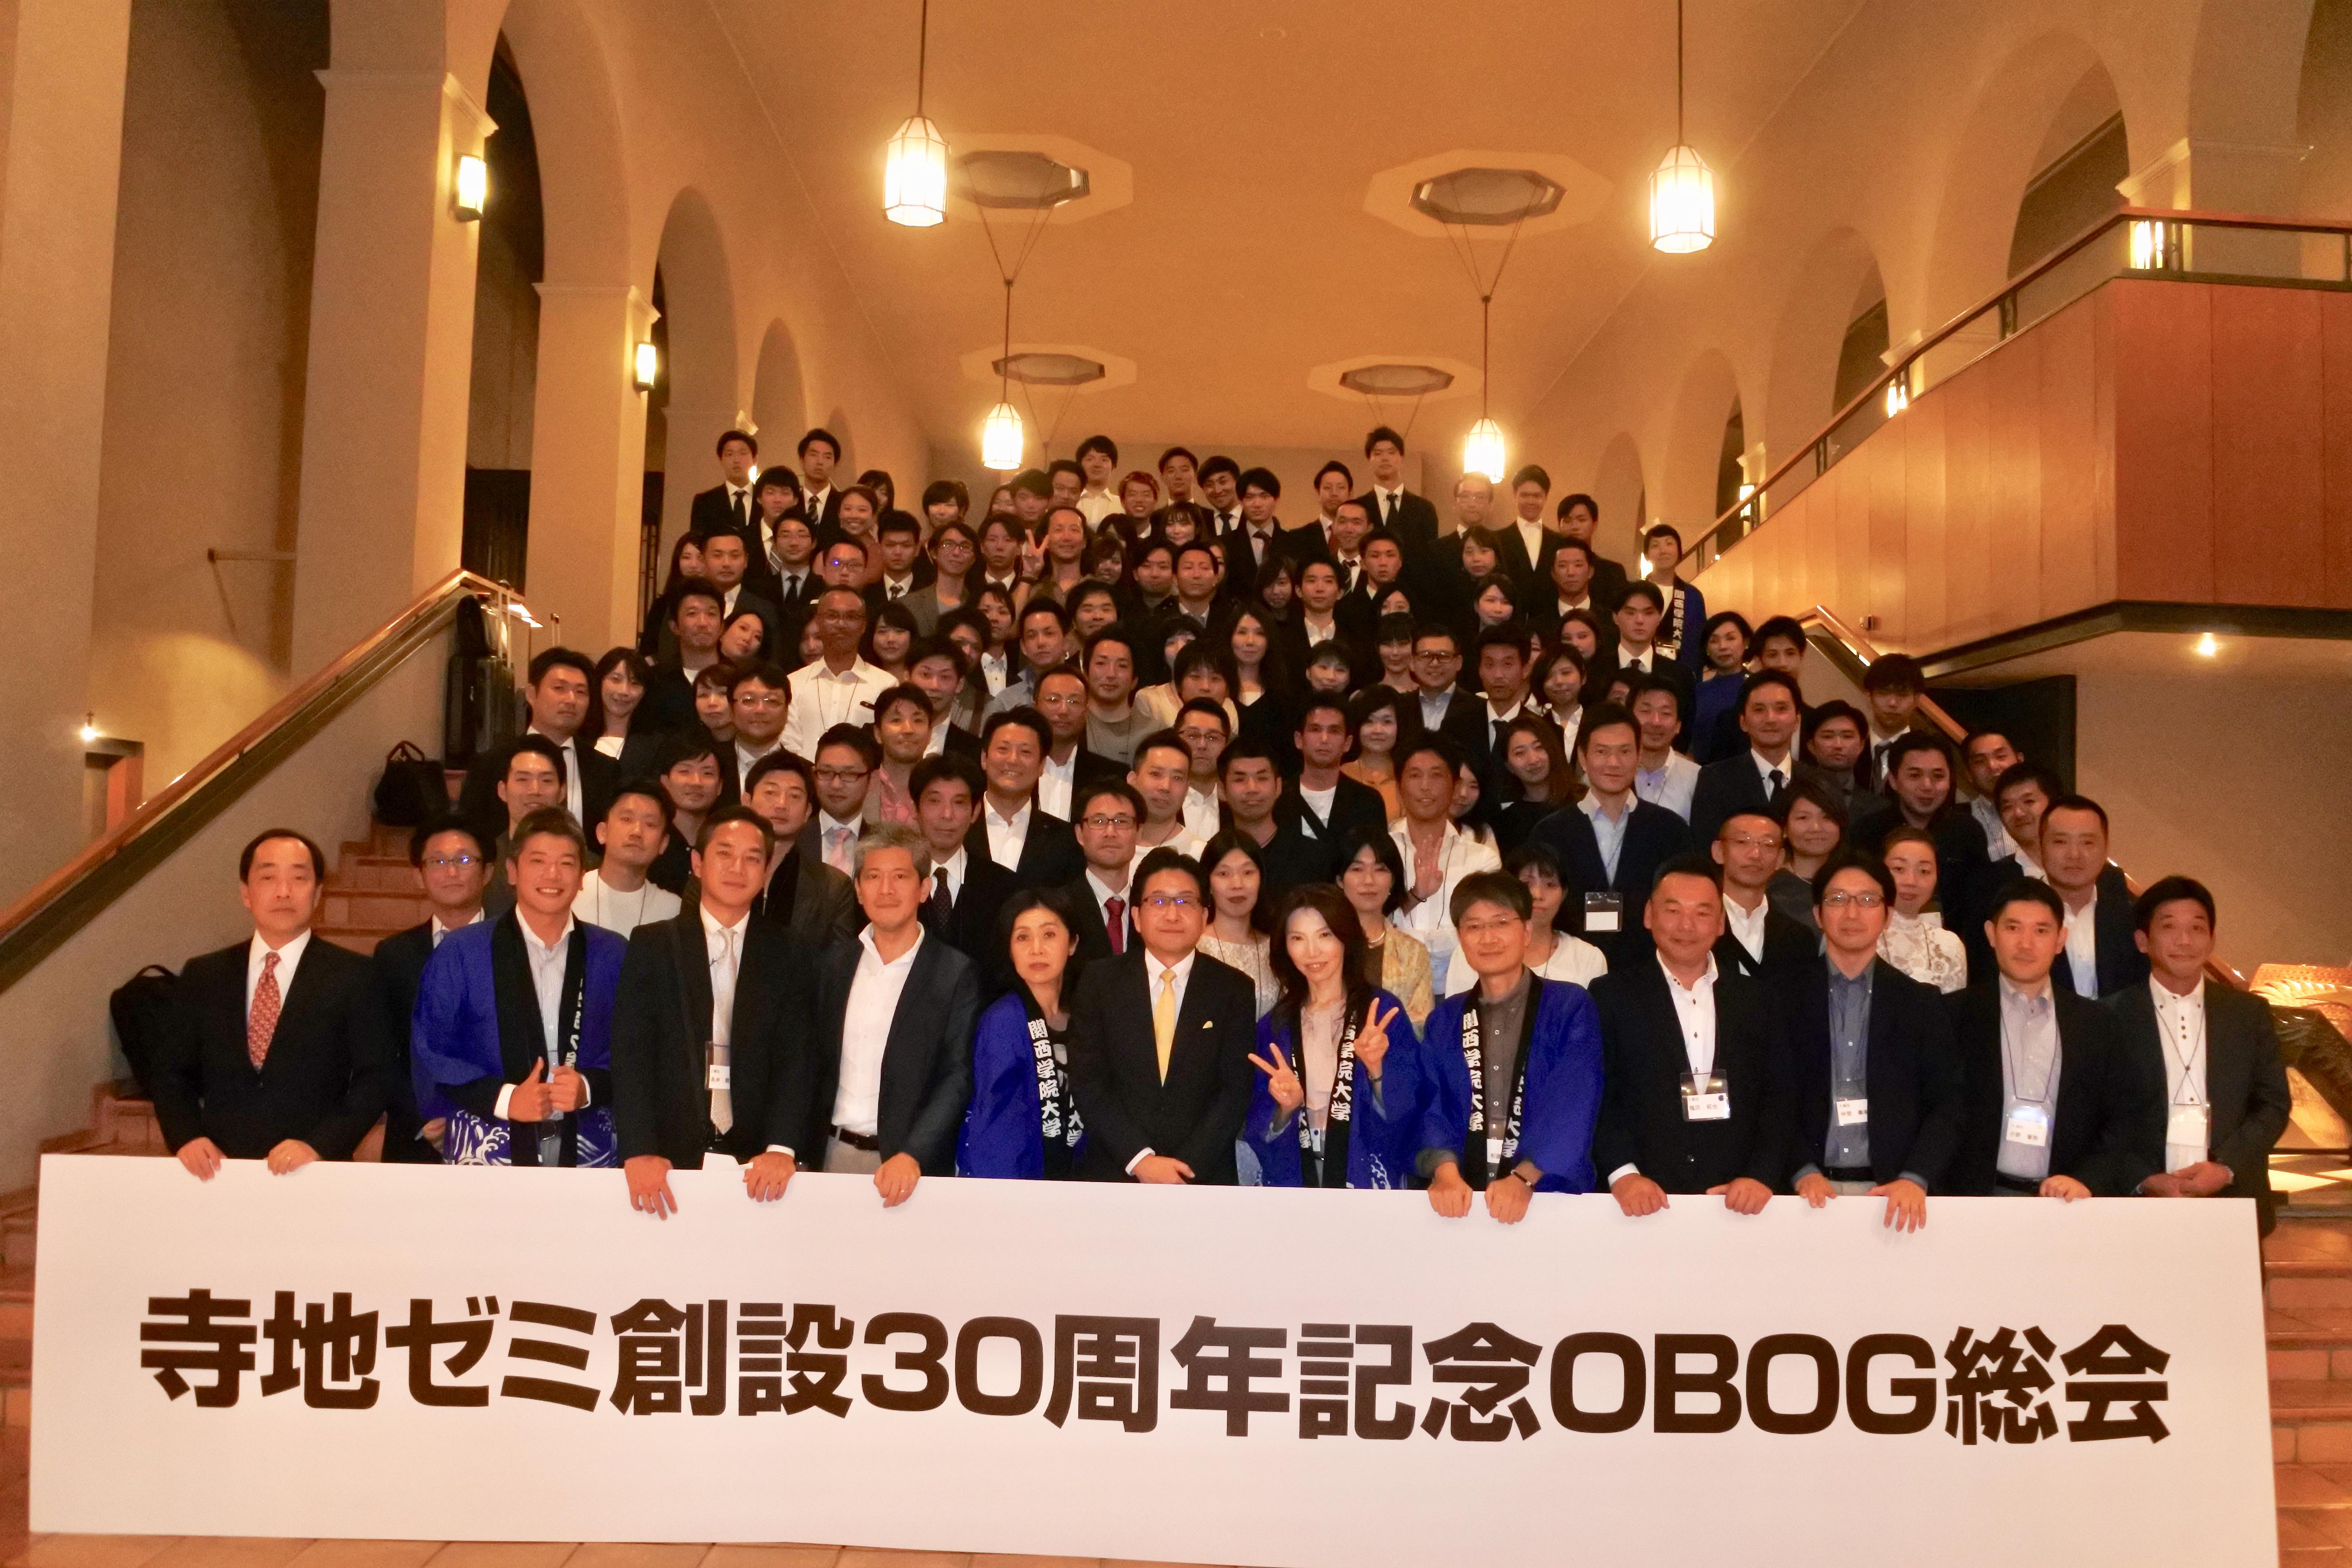 商学部寺地ゼミ創設30周年記念OBOG総会